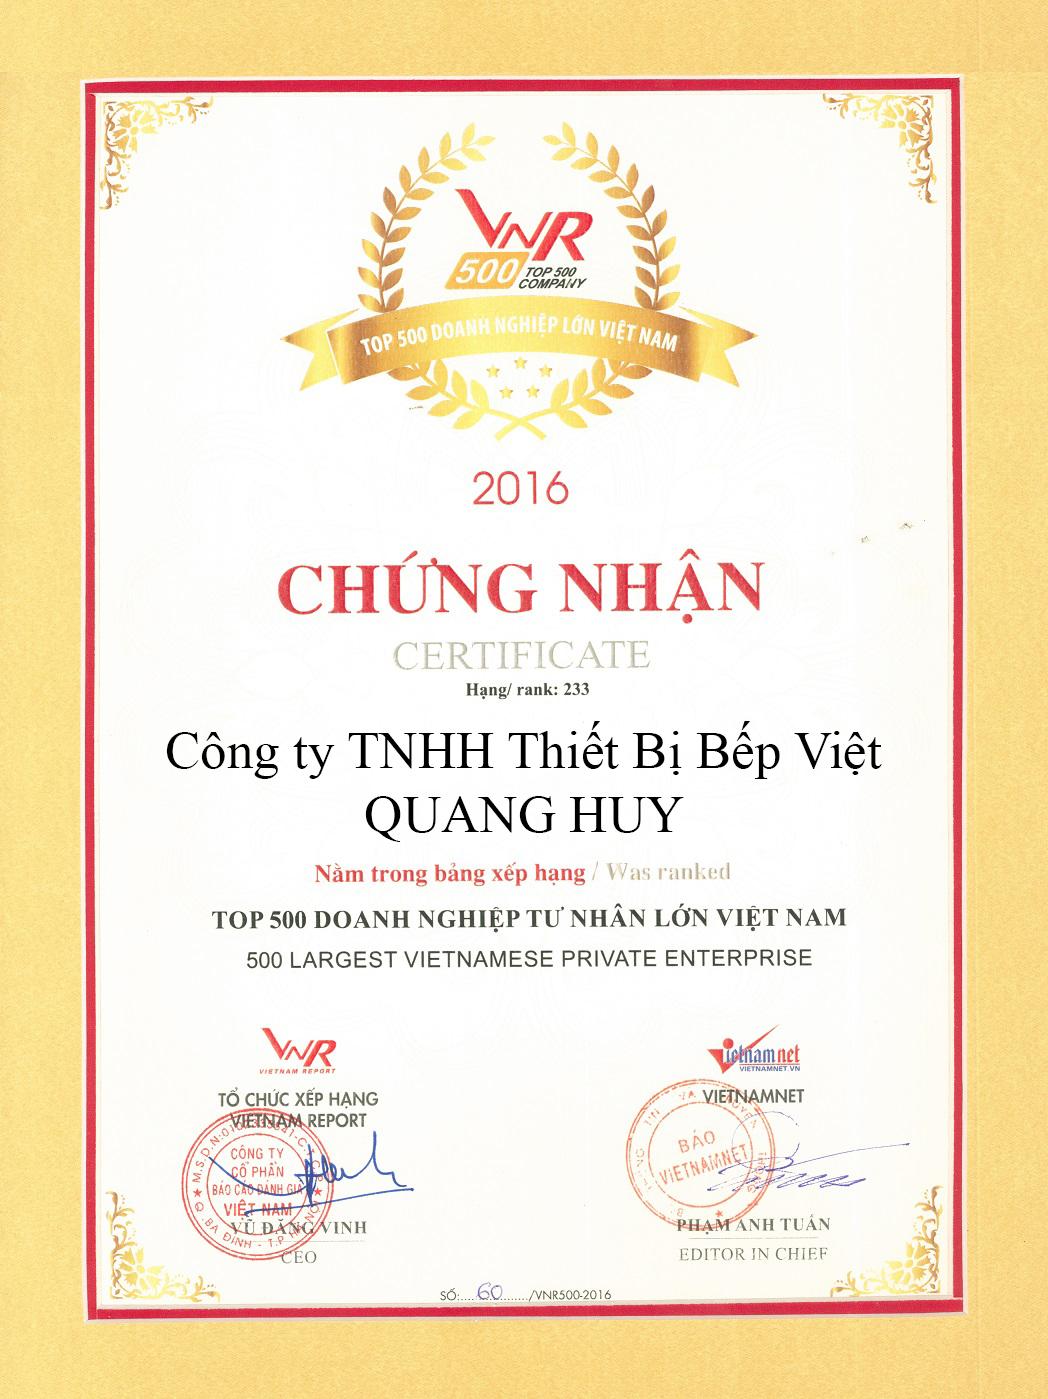 Những sản phẩm của Quang Huy luôn đạt chuẩn